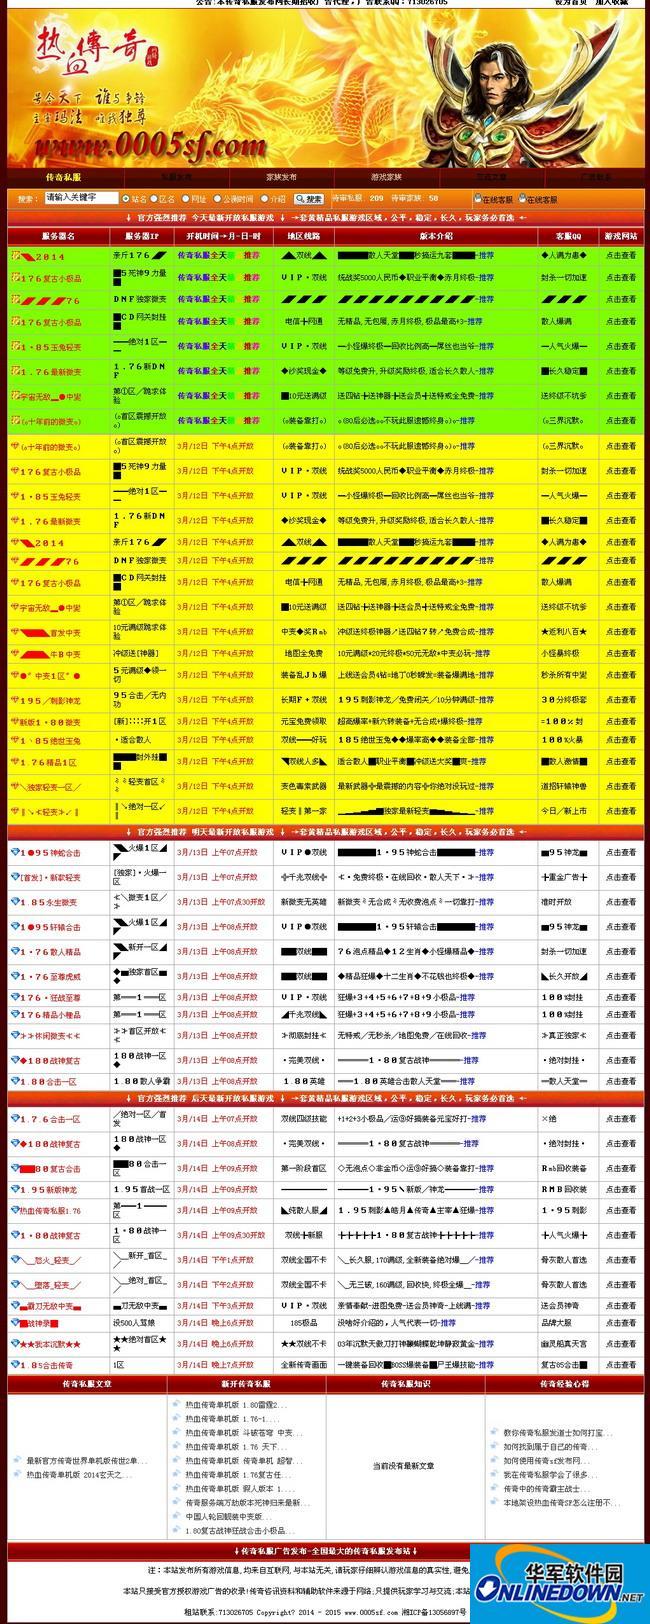 热血传奇发布网站源码 3.3